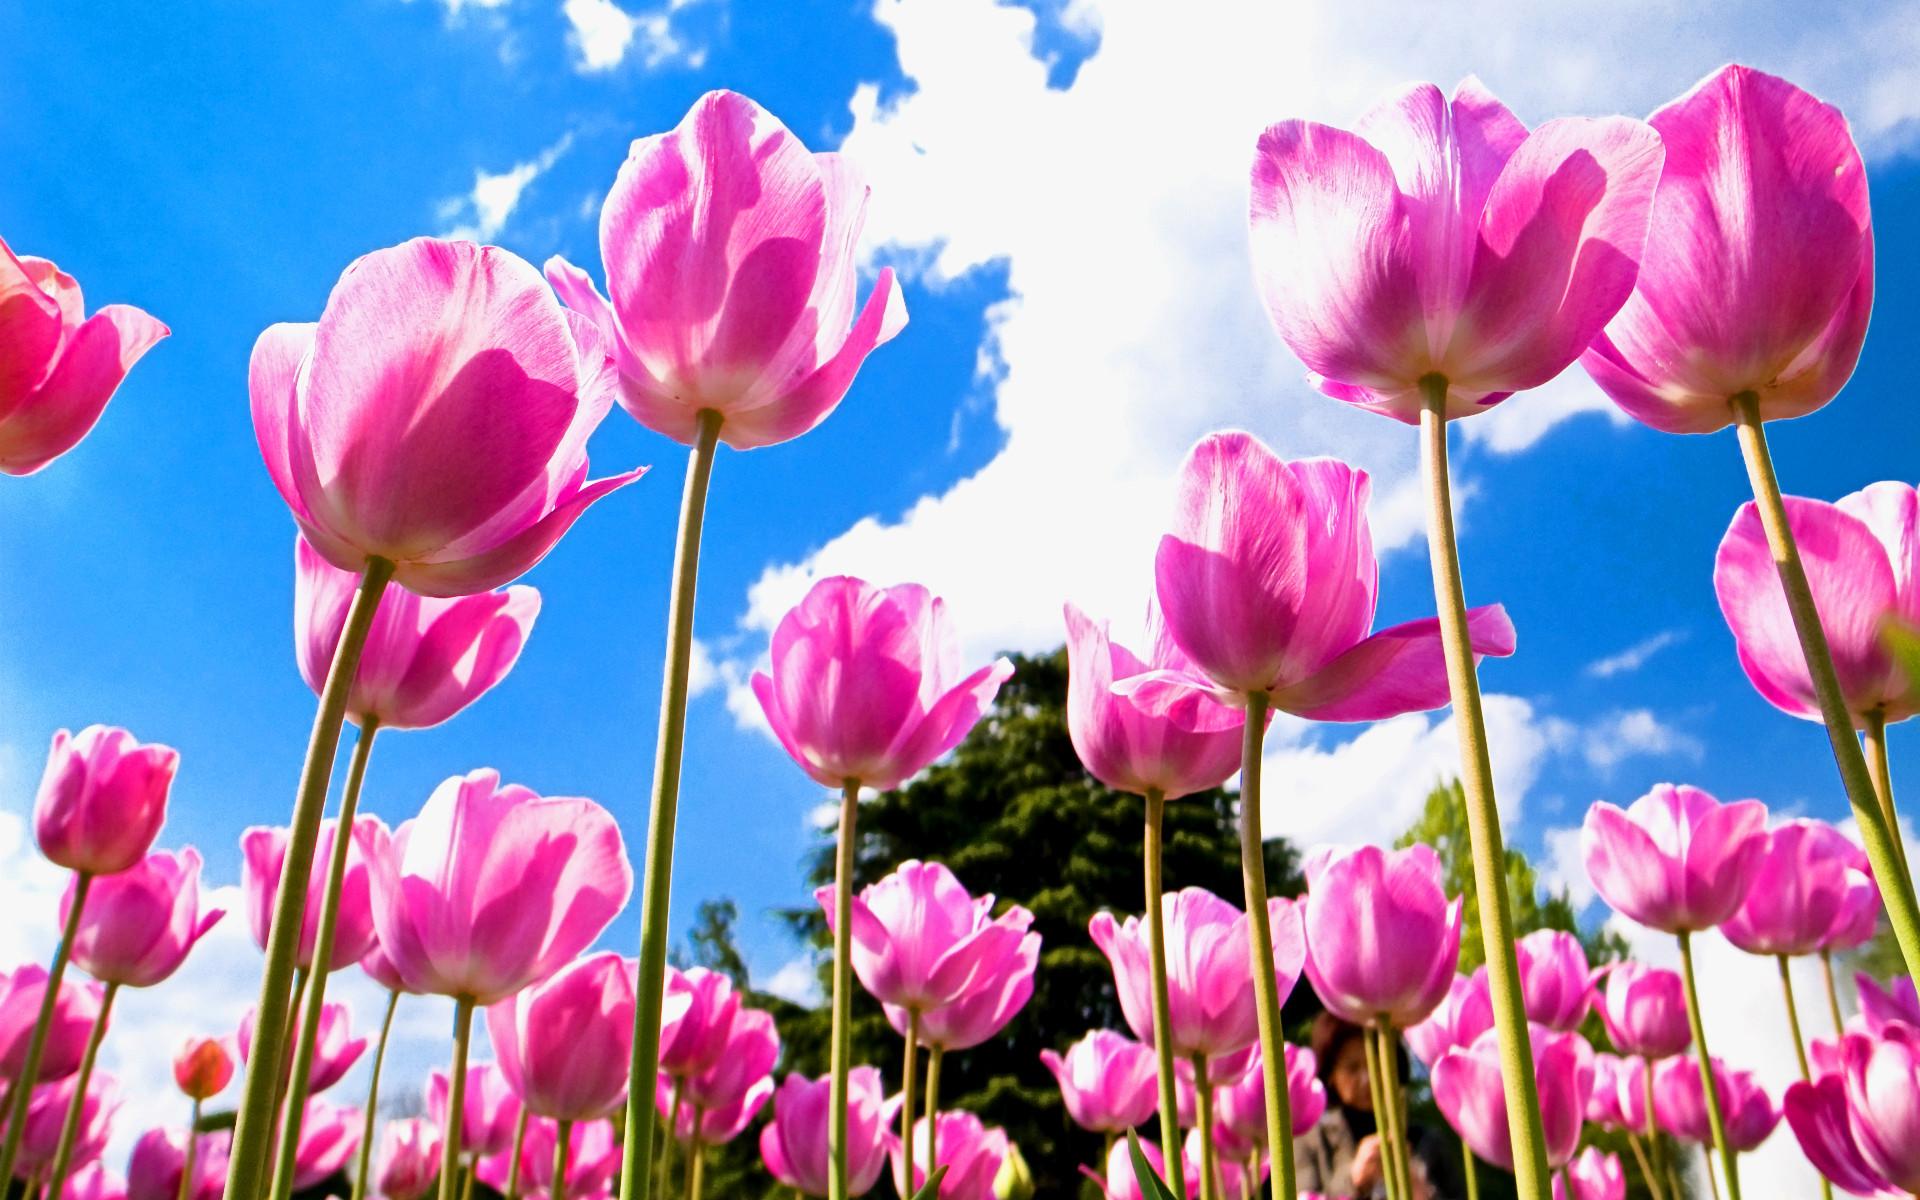 Tulips Wallpaper 1